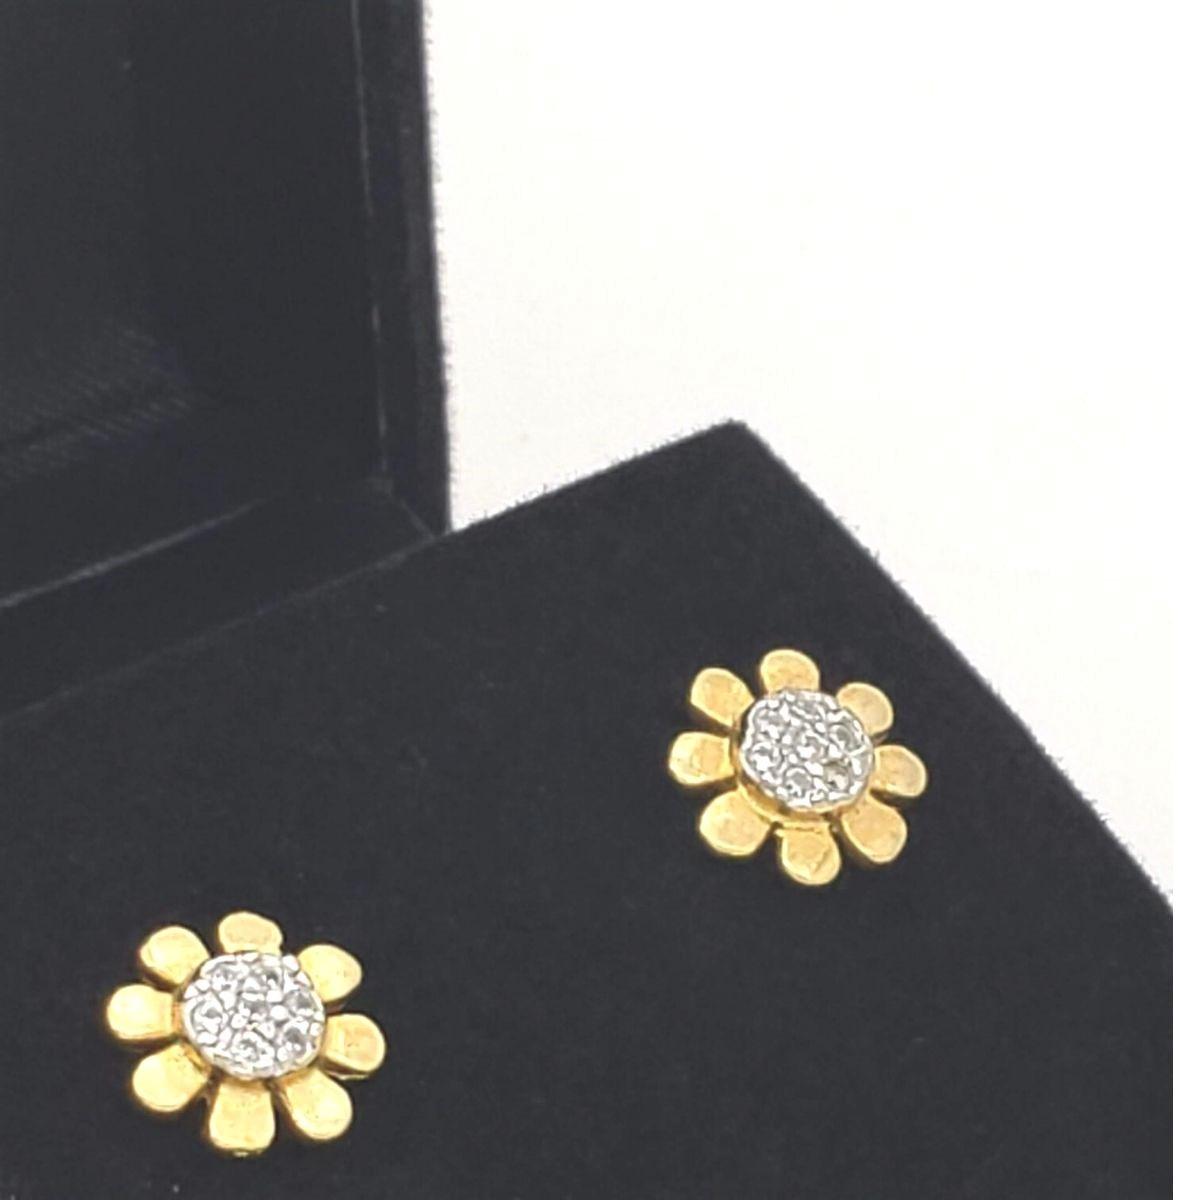 Brincos Flor Cravejados Banho De Ouro 18k 2427